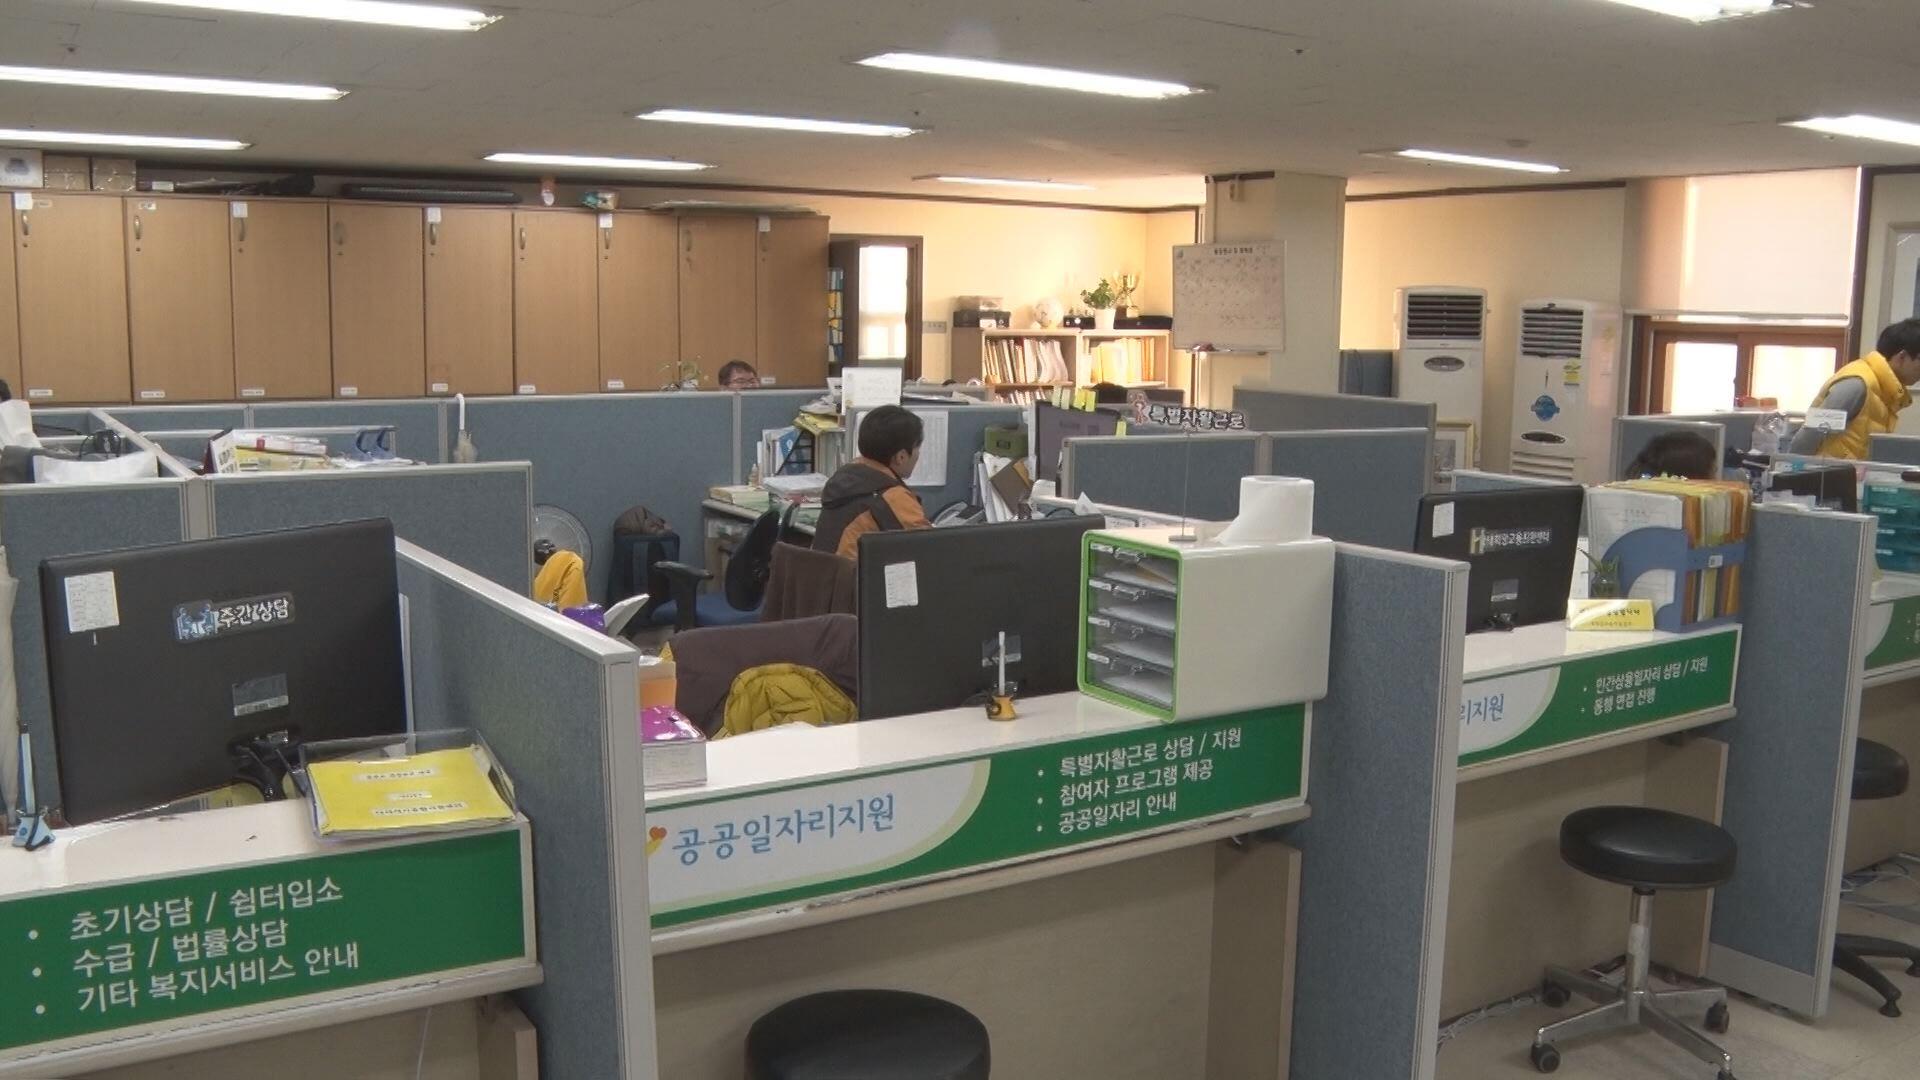 서울시, 노숙인 자립 위해 2,700개 일자리 지원